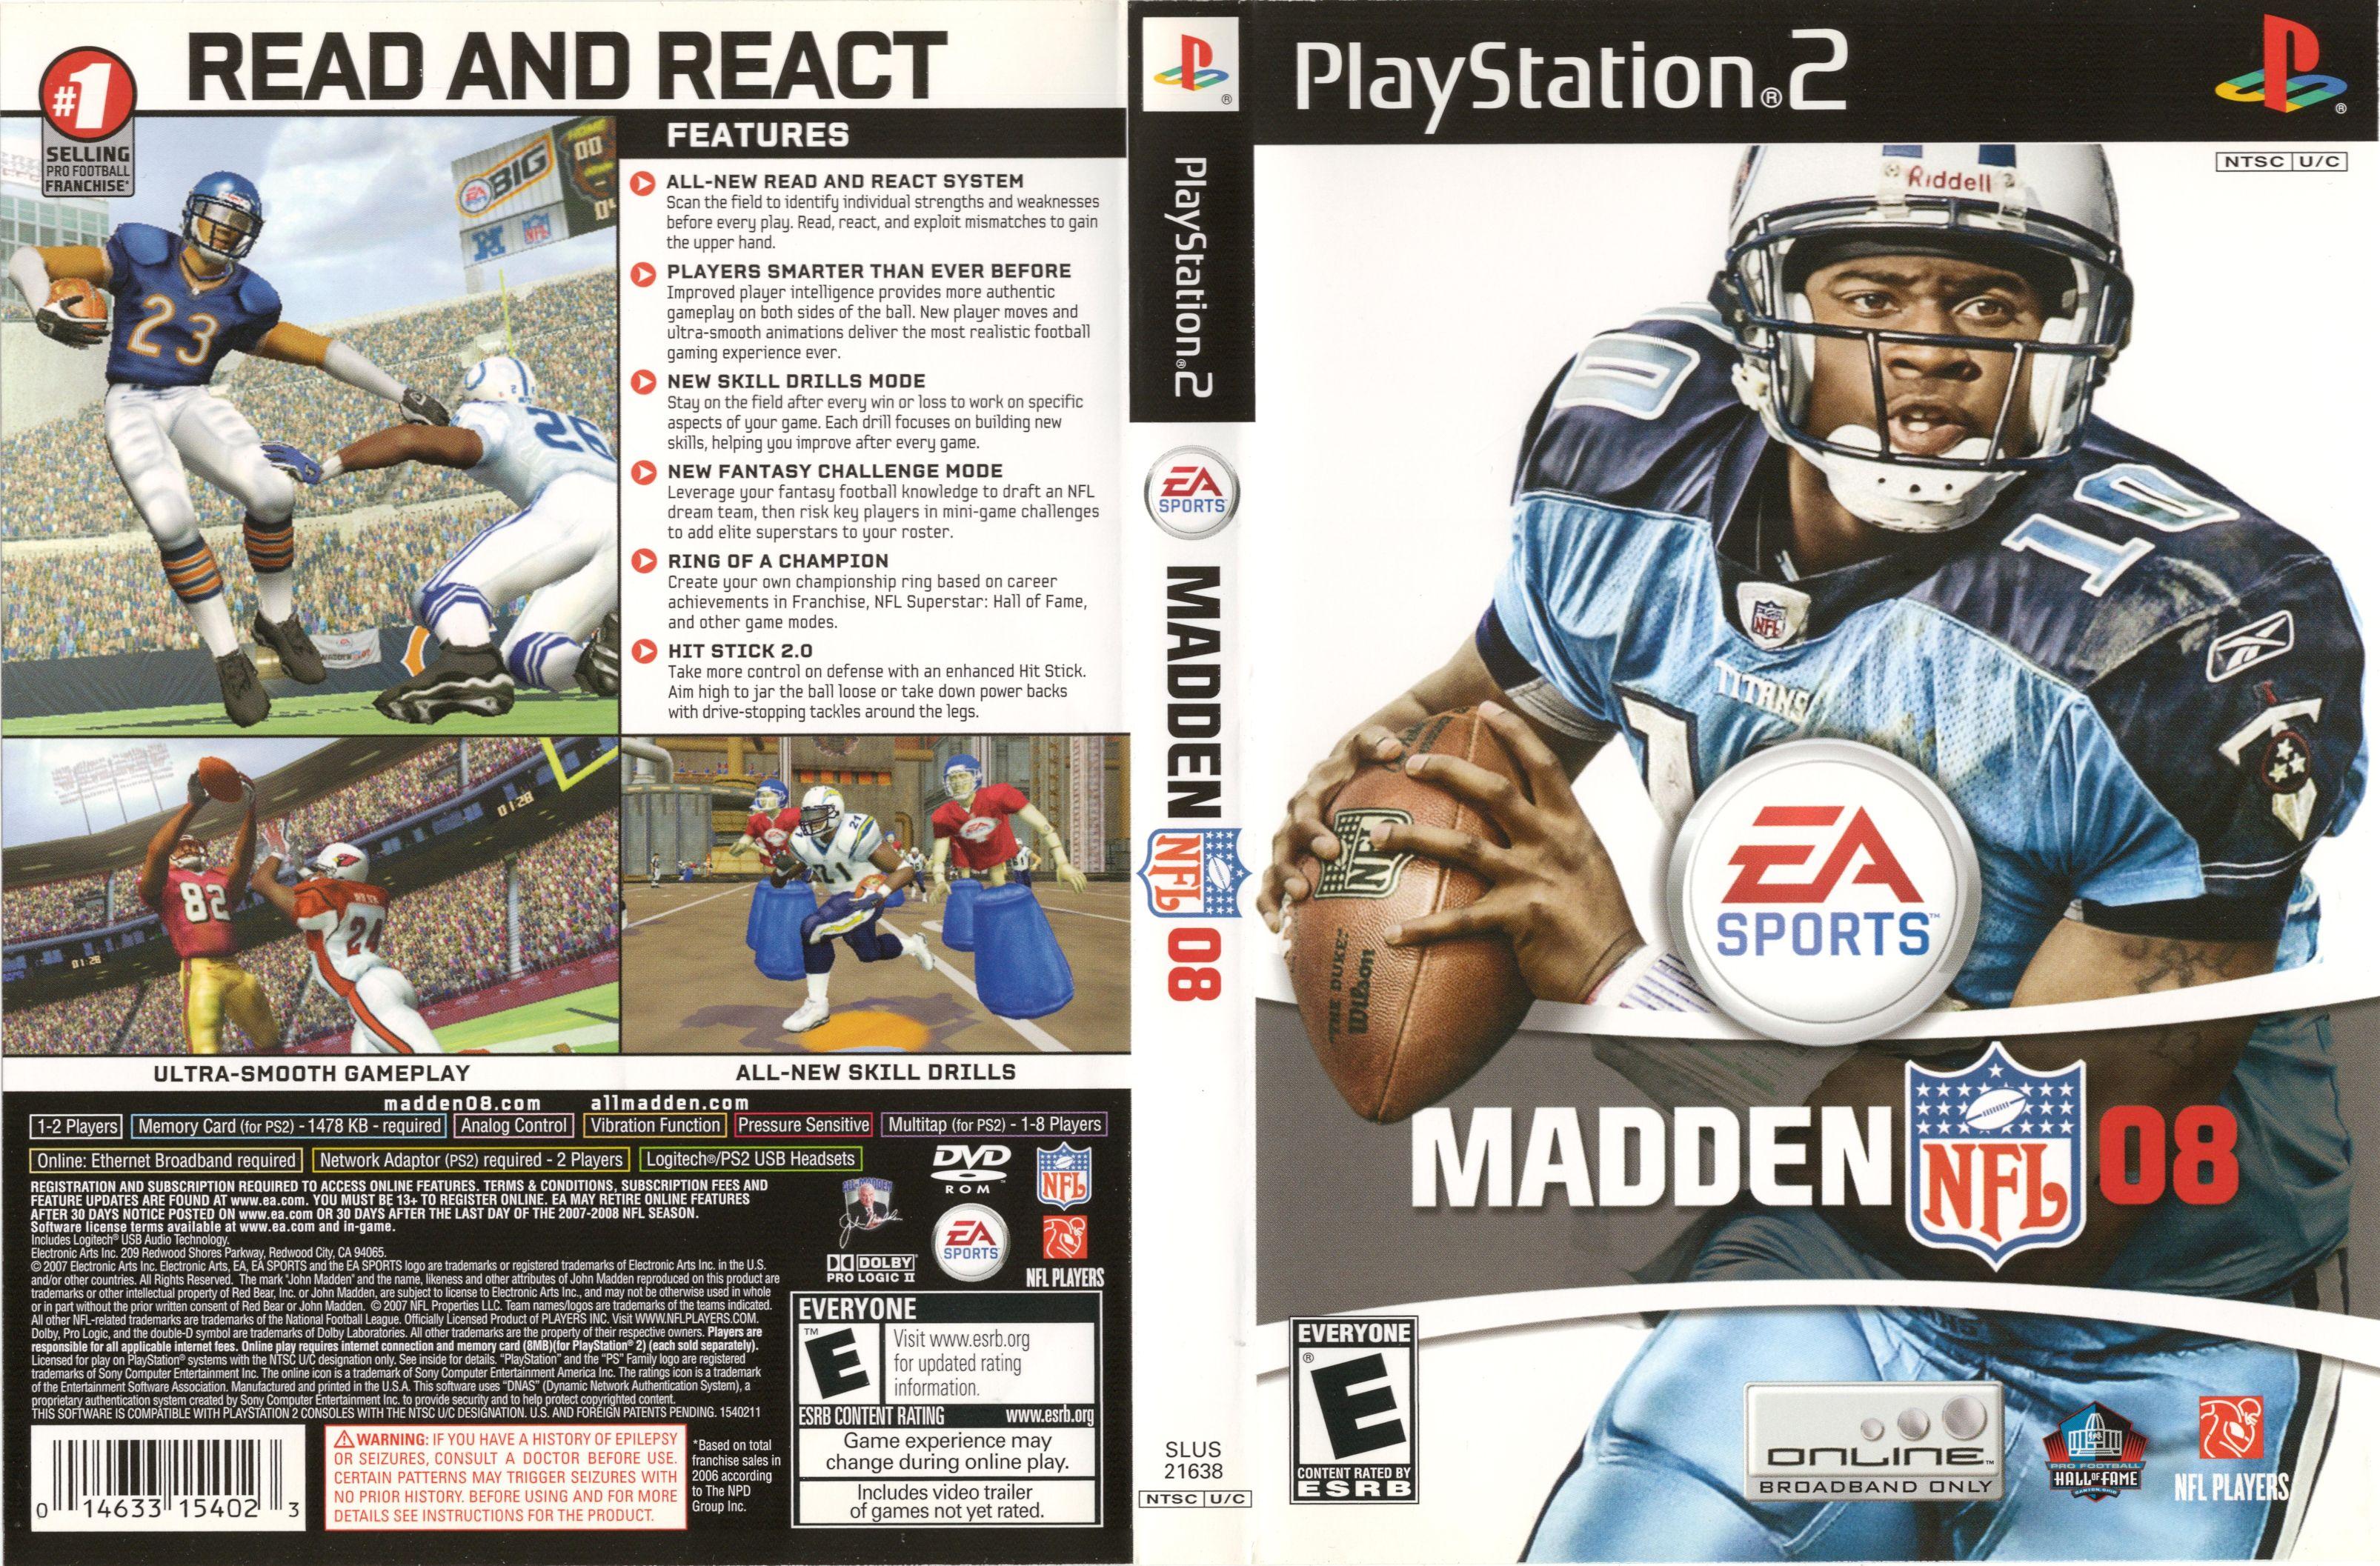 MADDEN NFL 08 (NTSC-U) - FRONT